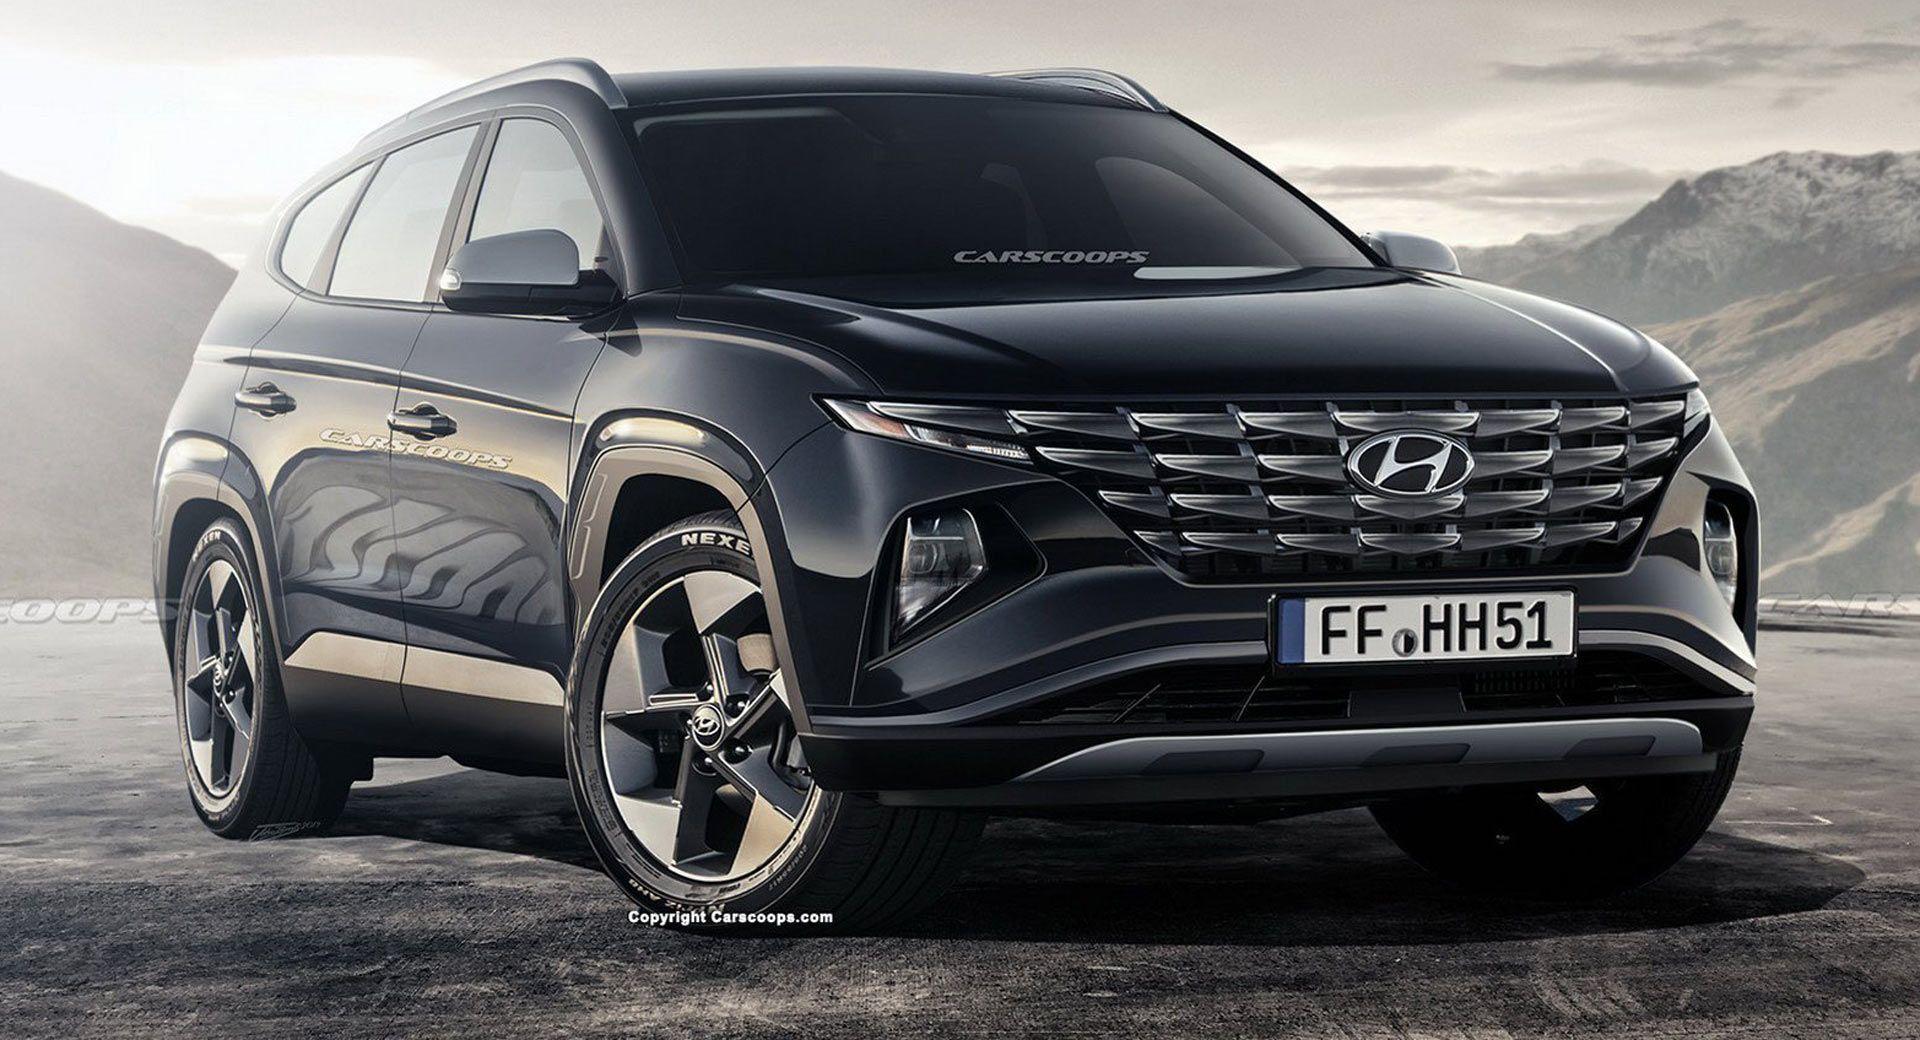 Hyundai Upcoming Suv 2021 Spesification In 2020 Hyundai Tucson Hyundai Hyundai Santa Fe